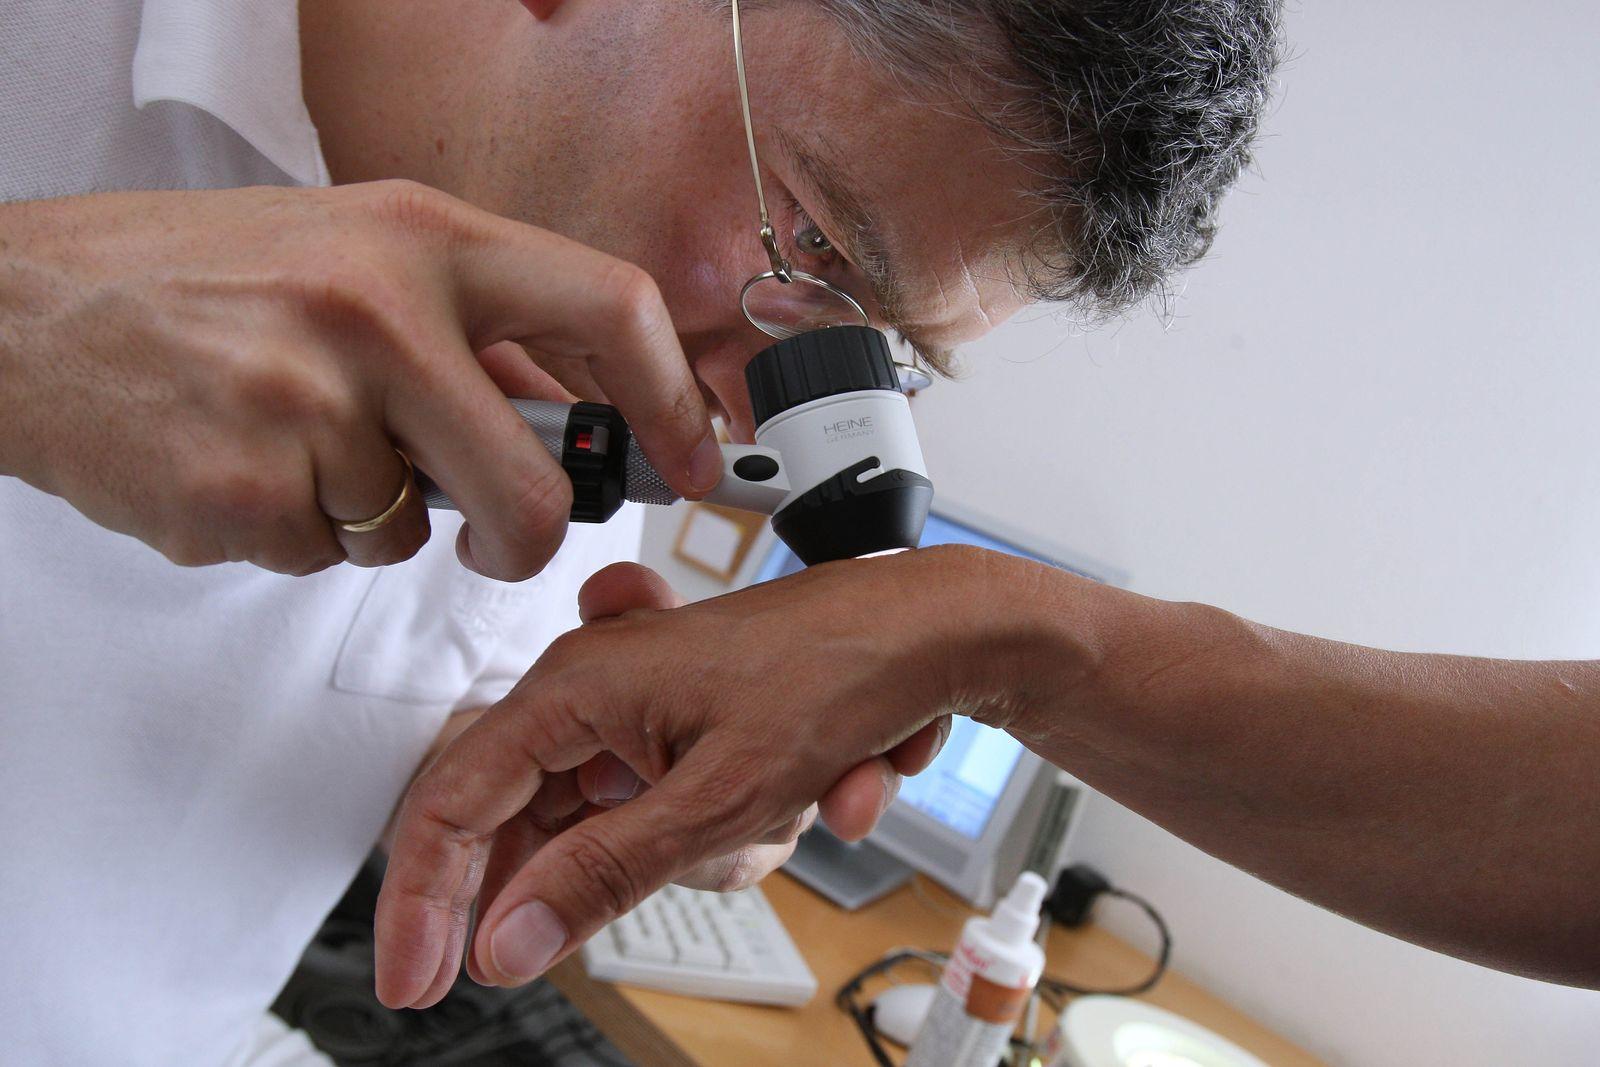 Symbol / Untersuchung beim Hautarzt / Haustkrebs / Vorsorge / Prävention / Melanom